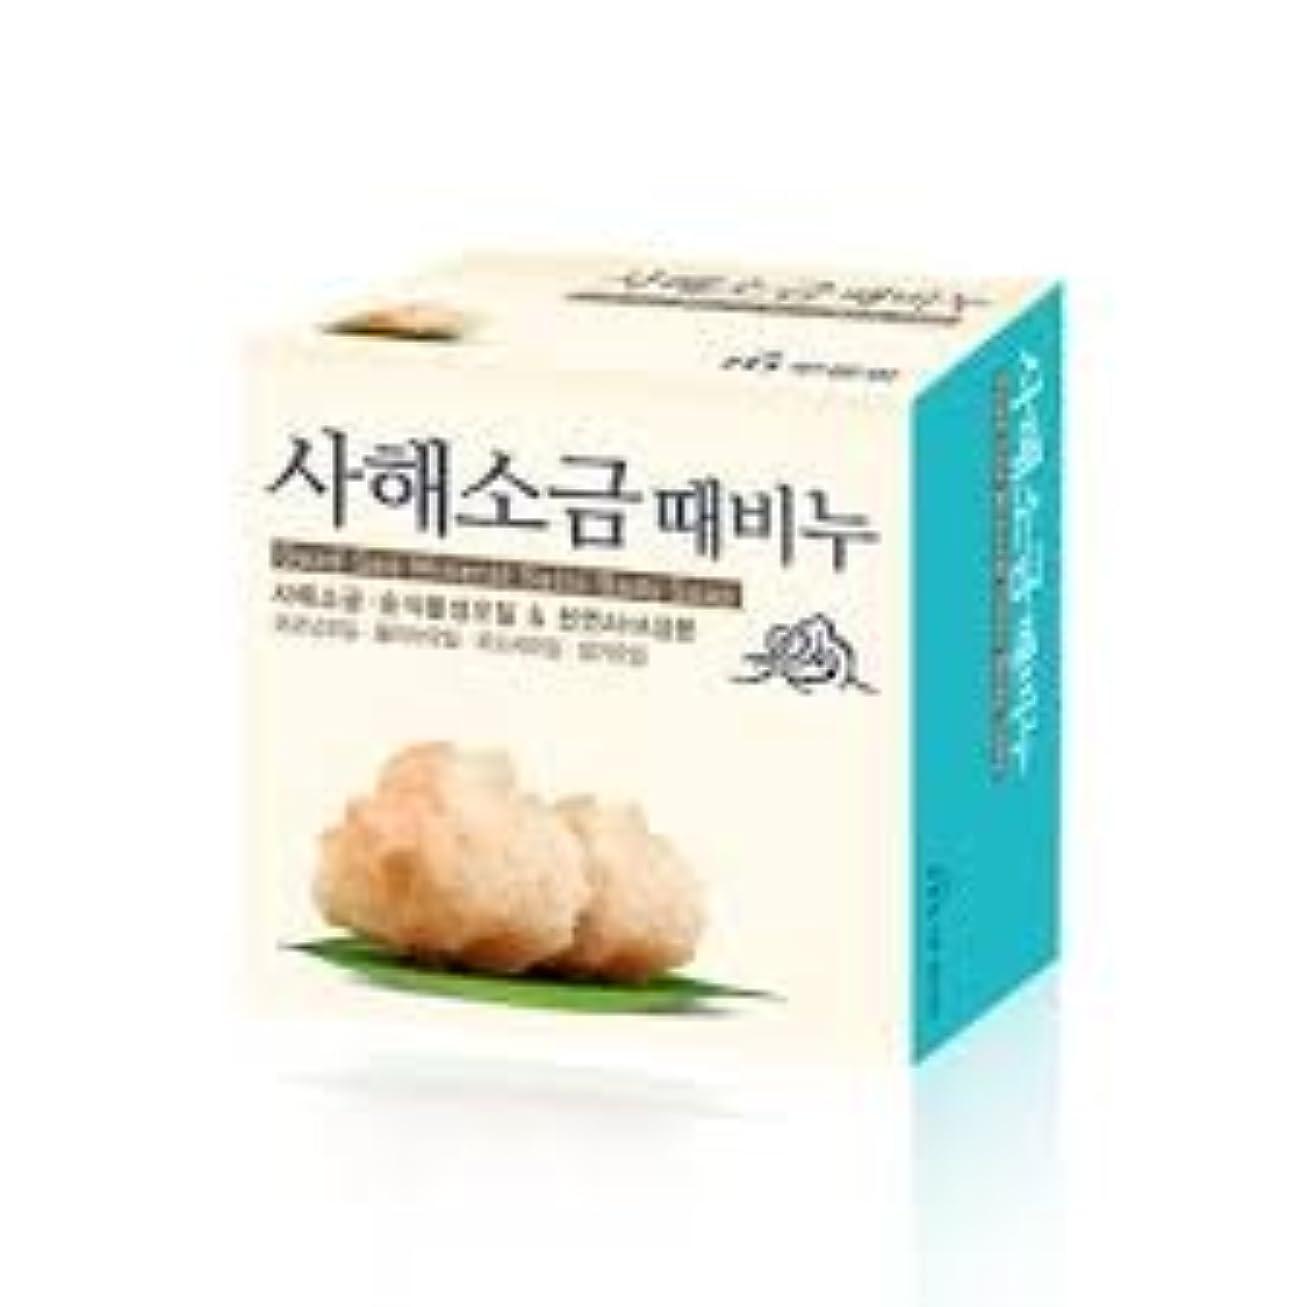 盲信フィット祝福するムグンファ[MUKUNGHWA] 死海 塩 垢石鹸 100g/ Dead Sea Mineral Salts Body Soap